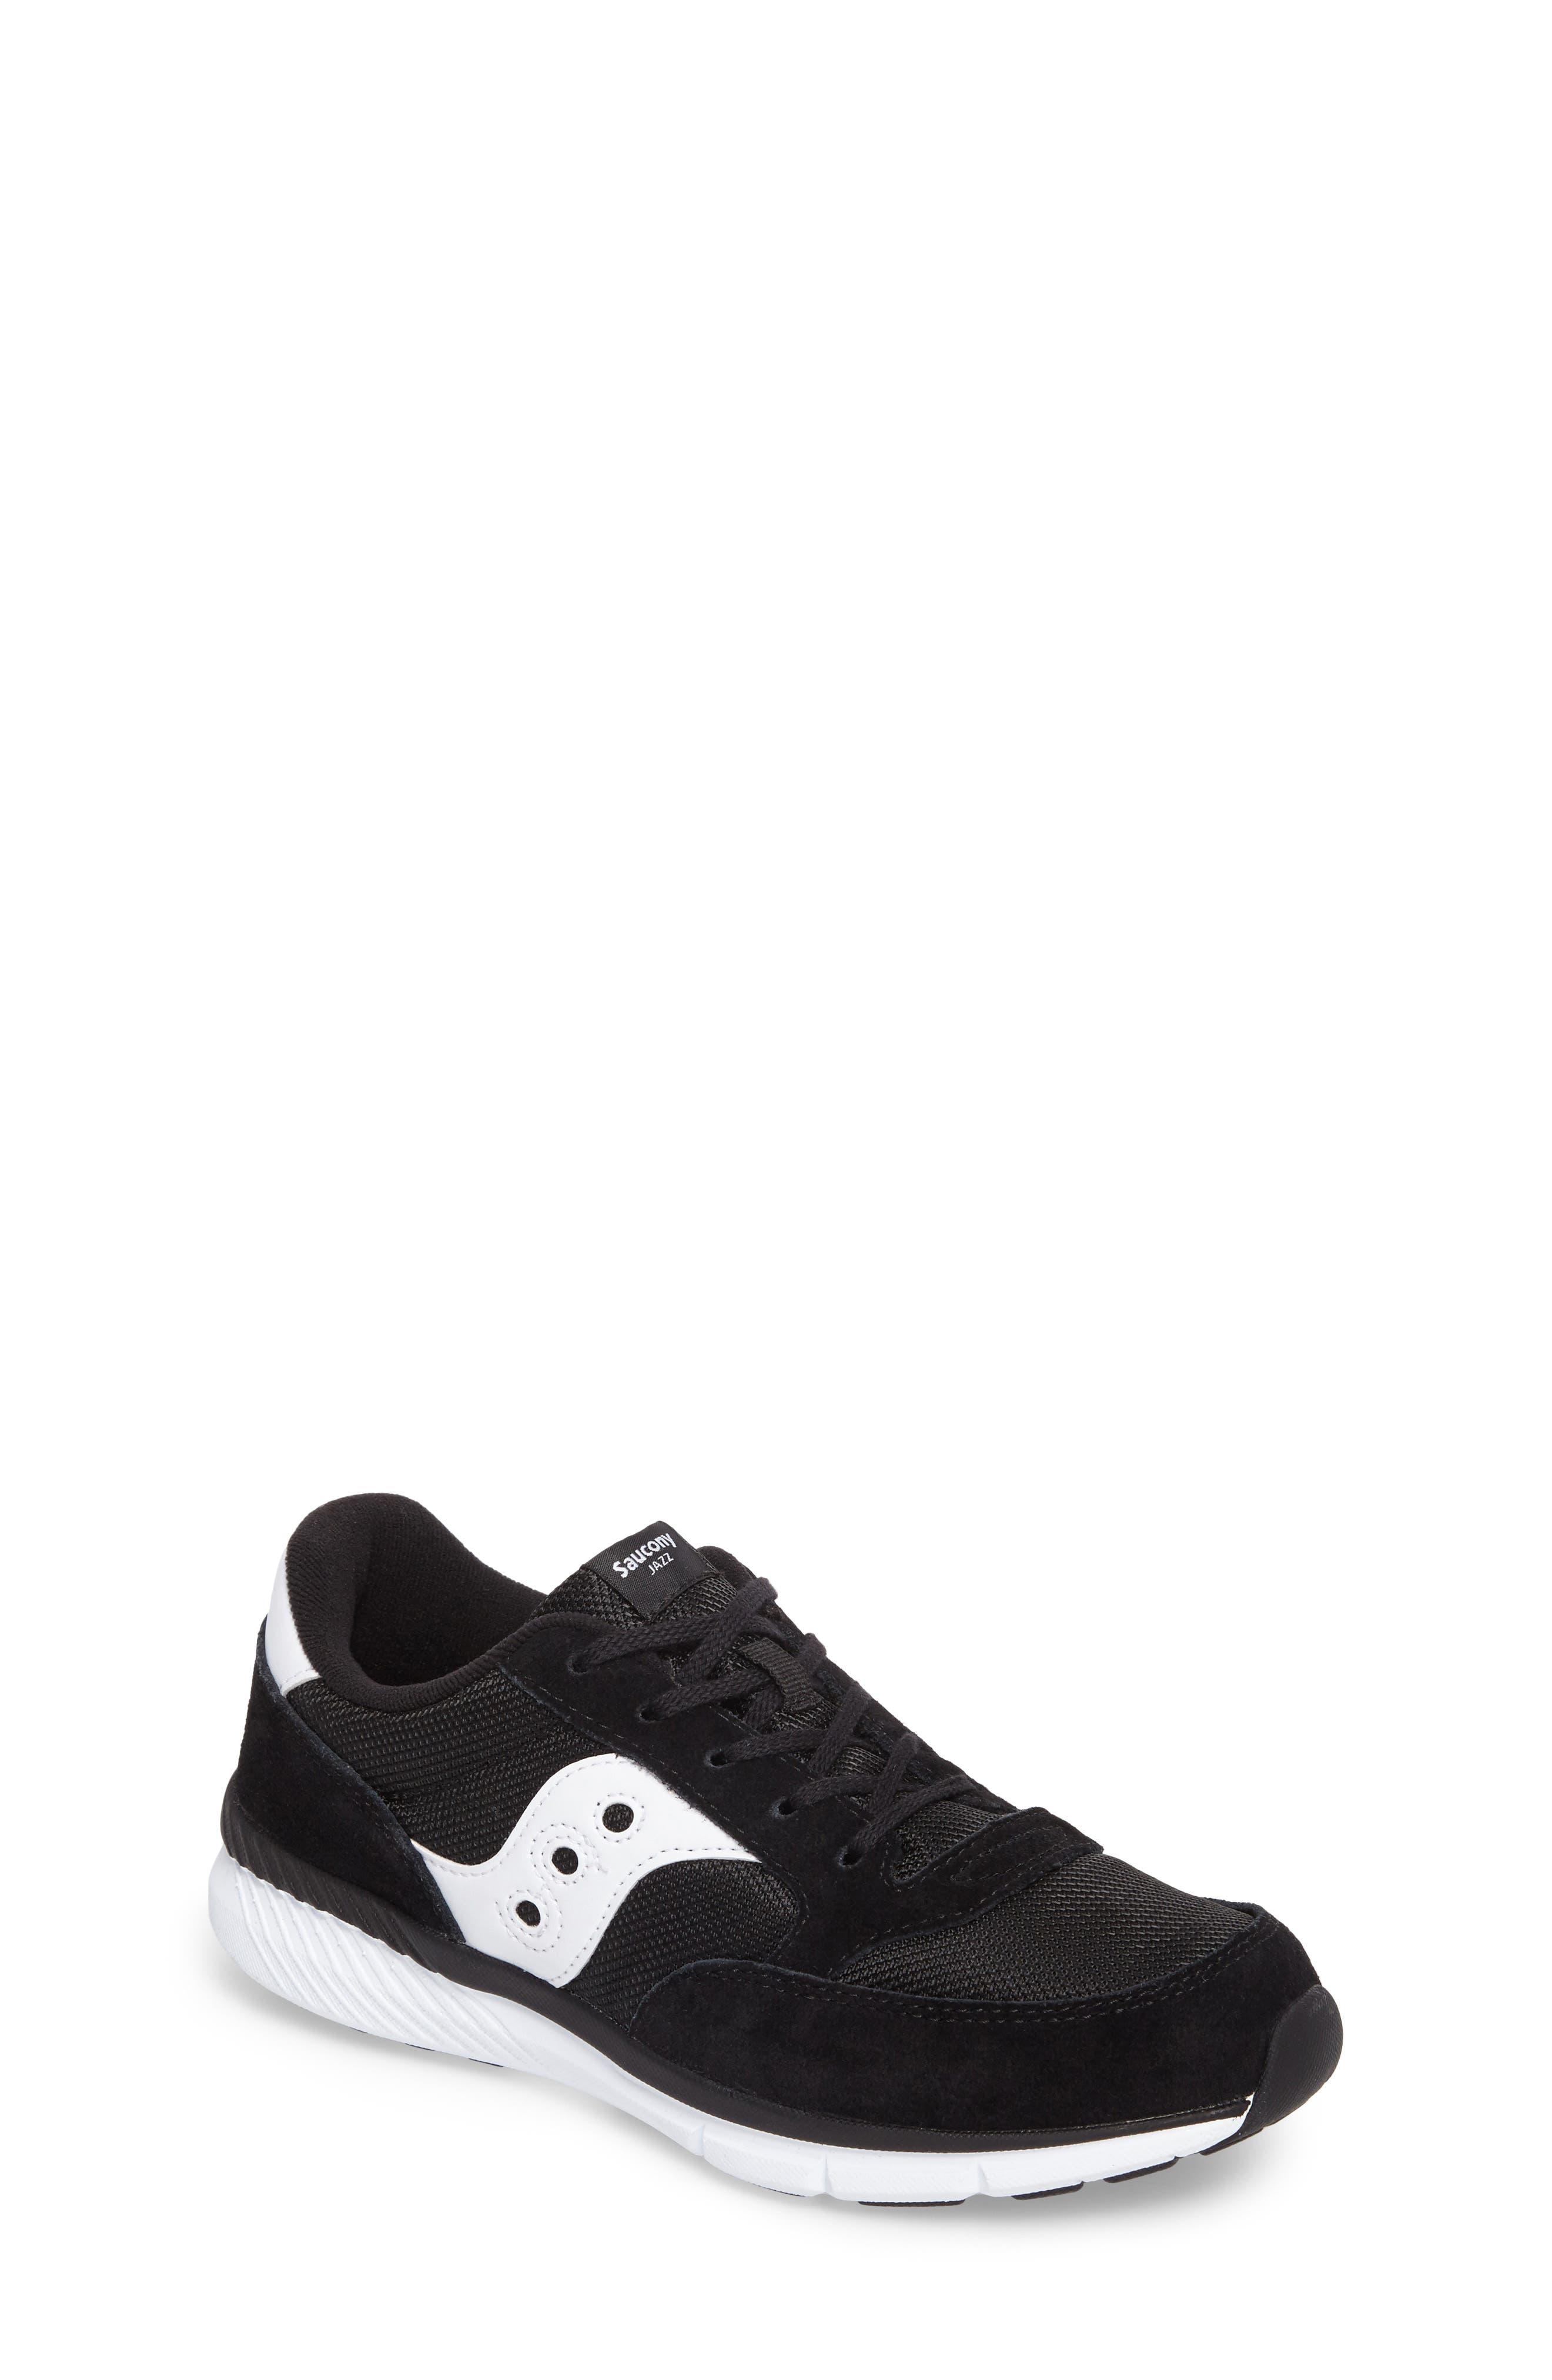 Jazz Lite Athletic Shoe,                         Main,                         color, Black/ Black